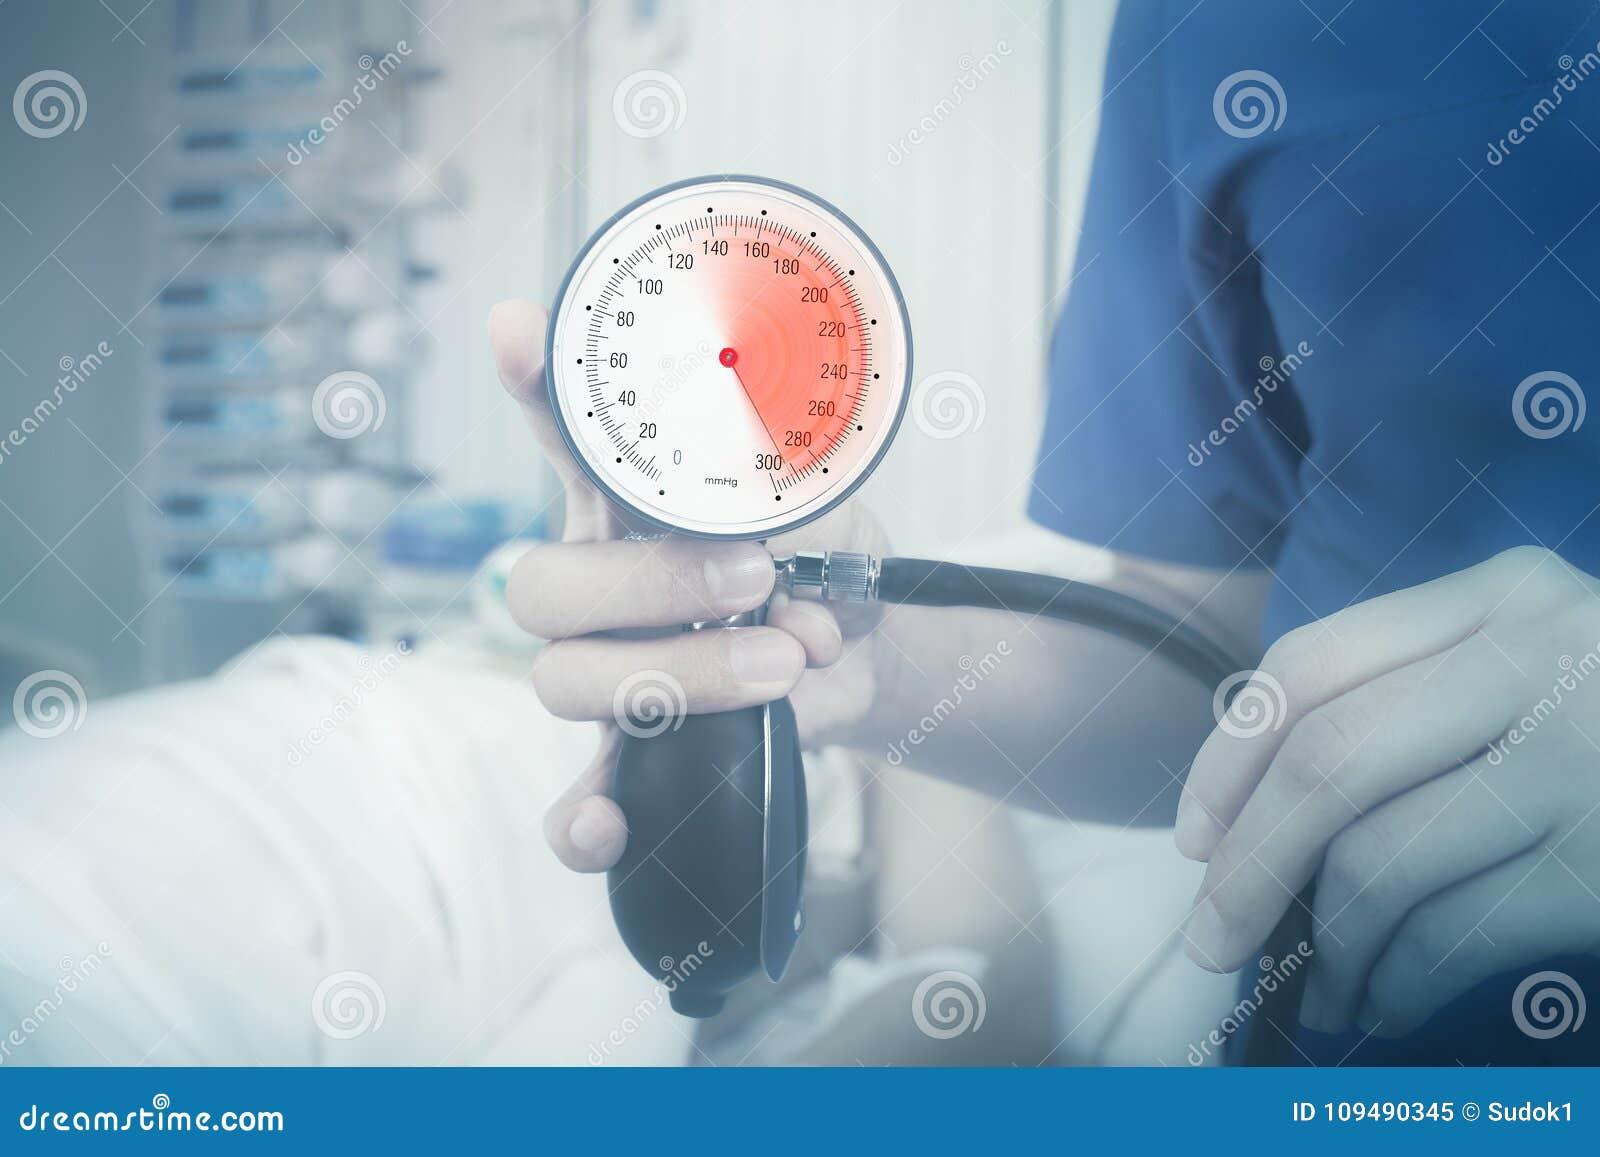 Indicador de la presión arterial con zona roja marcada de la tensión arterial alta